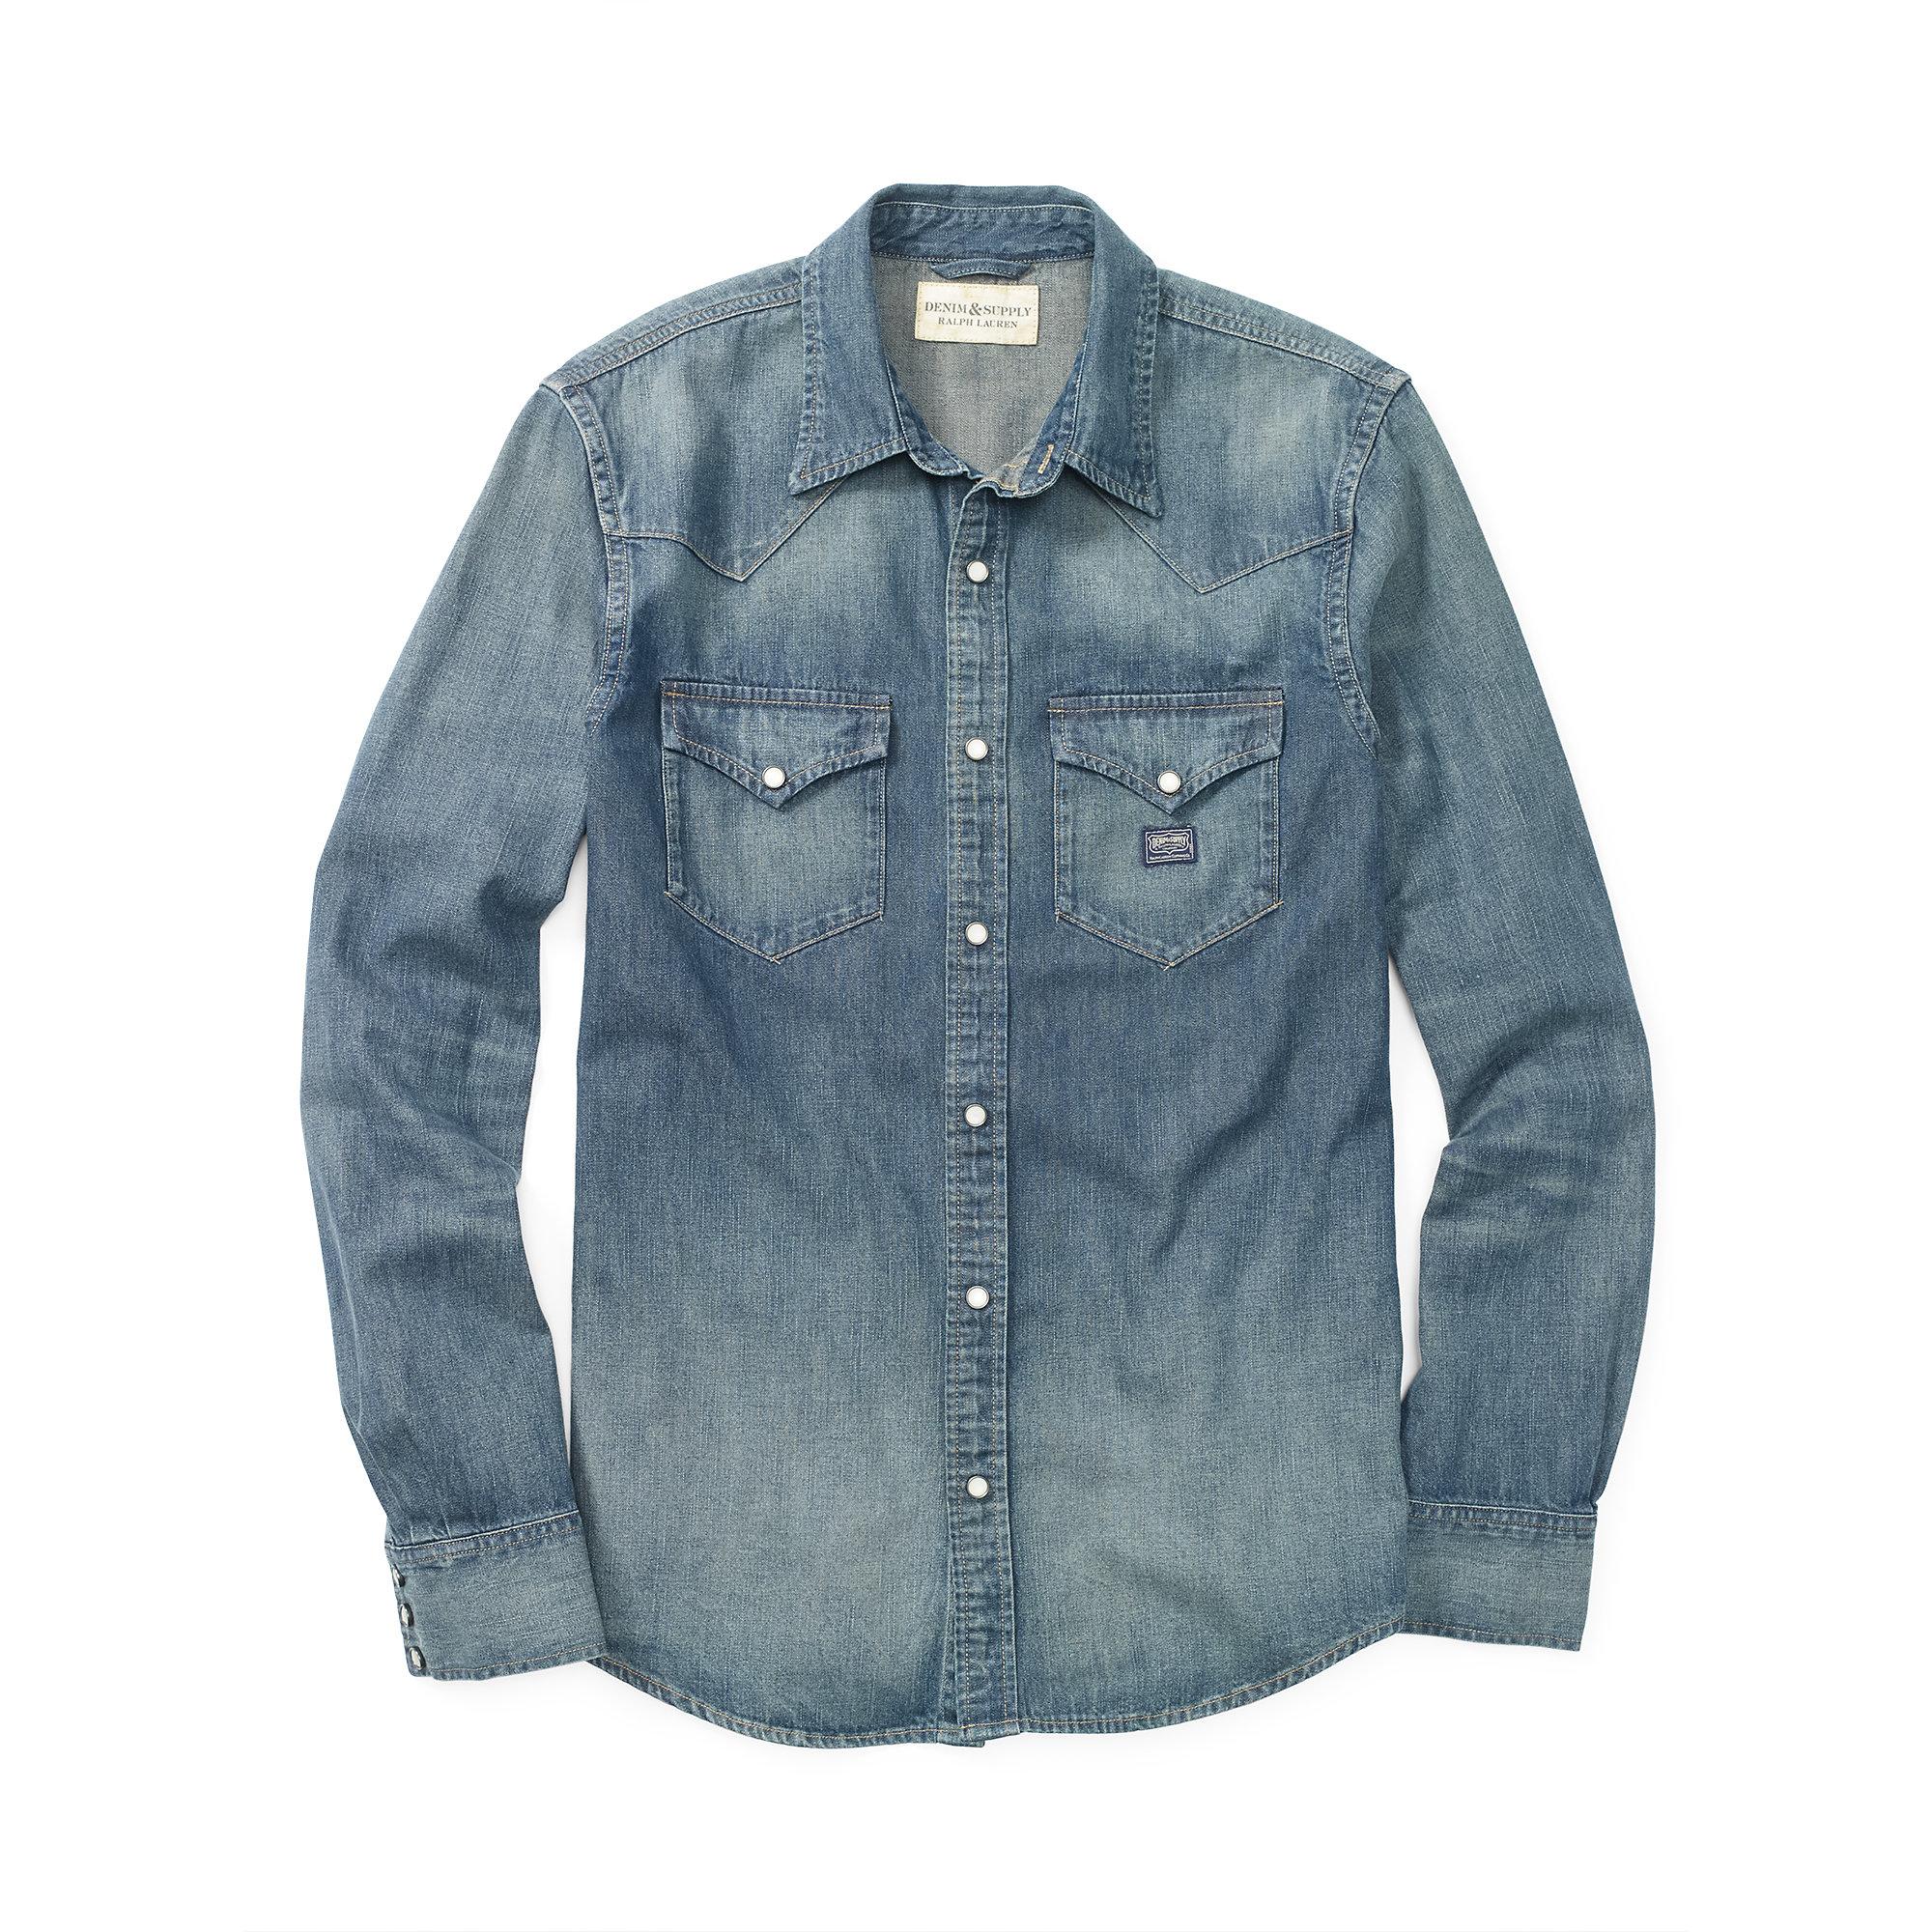 d719e76478 Lyst - Denim   Supply Ralph Lauren Indigo Denim Western Shirt in ...